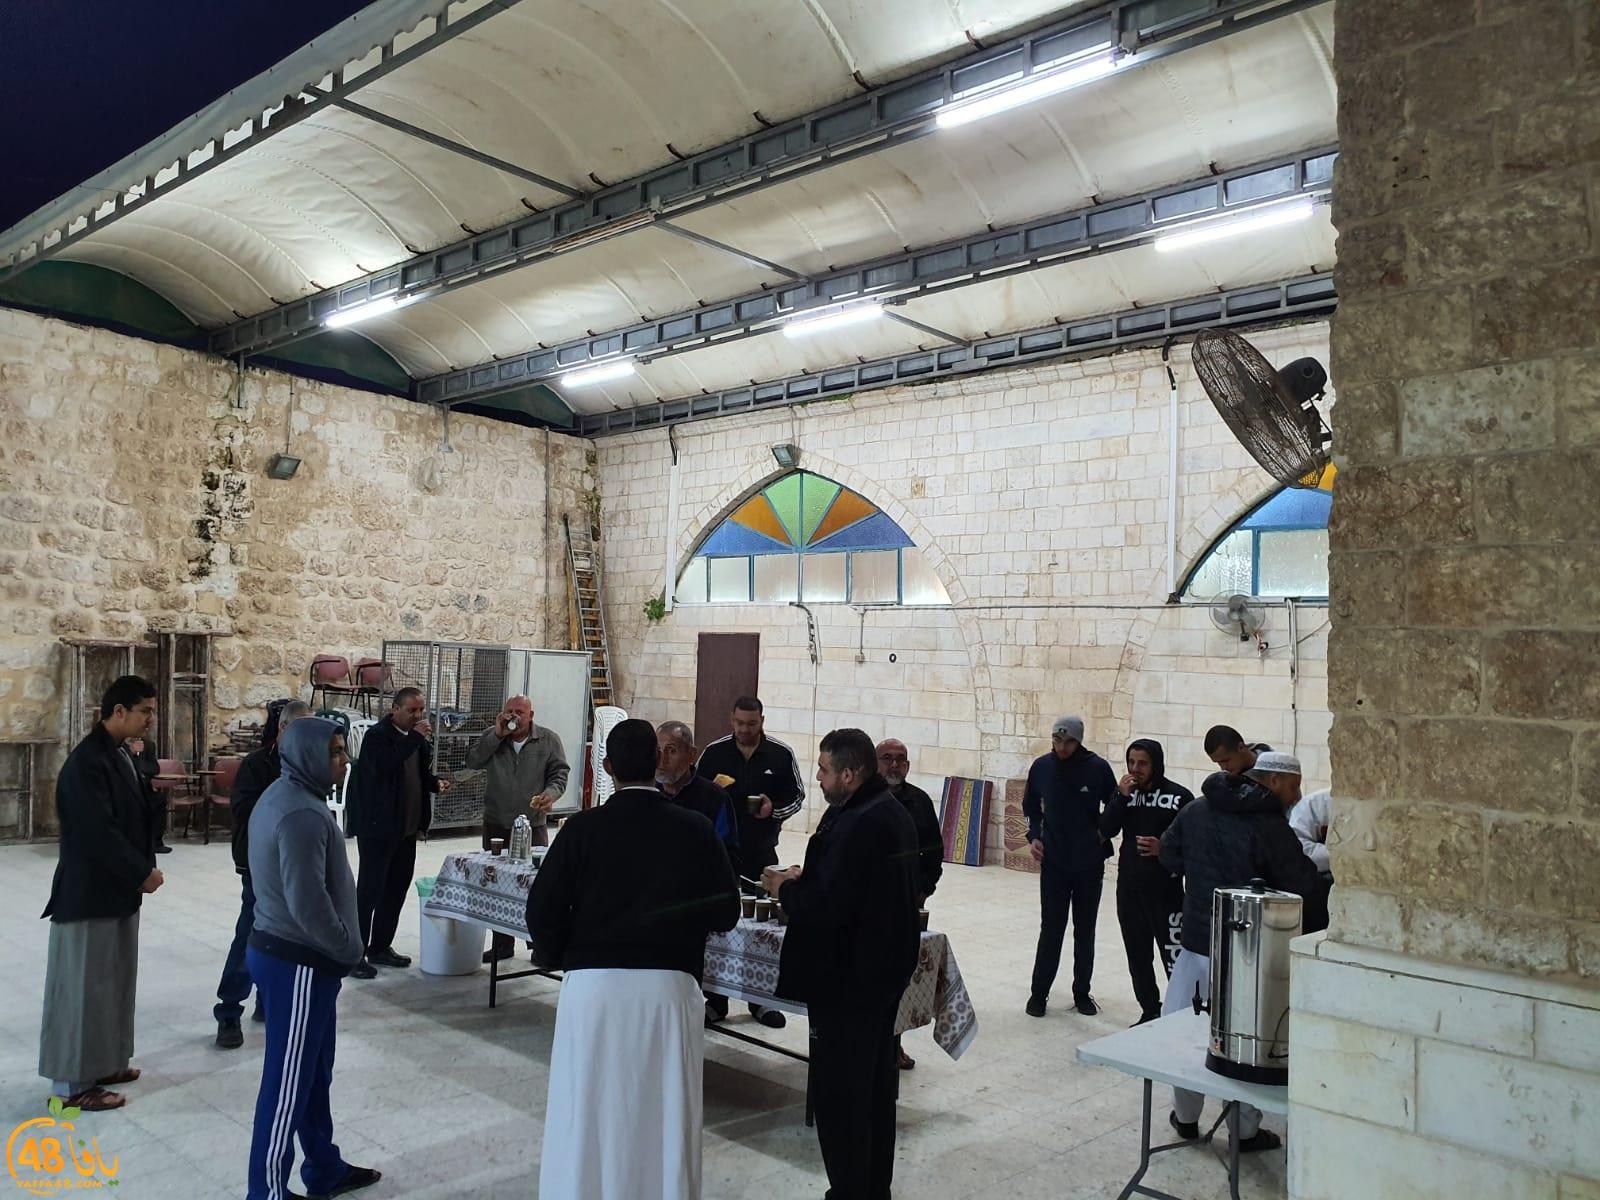 اللد: احياء صلاة الفجر العظيم في المسجد العمري الكبير بالمدينة